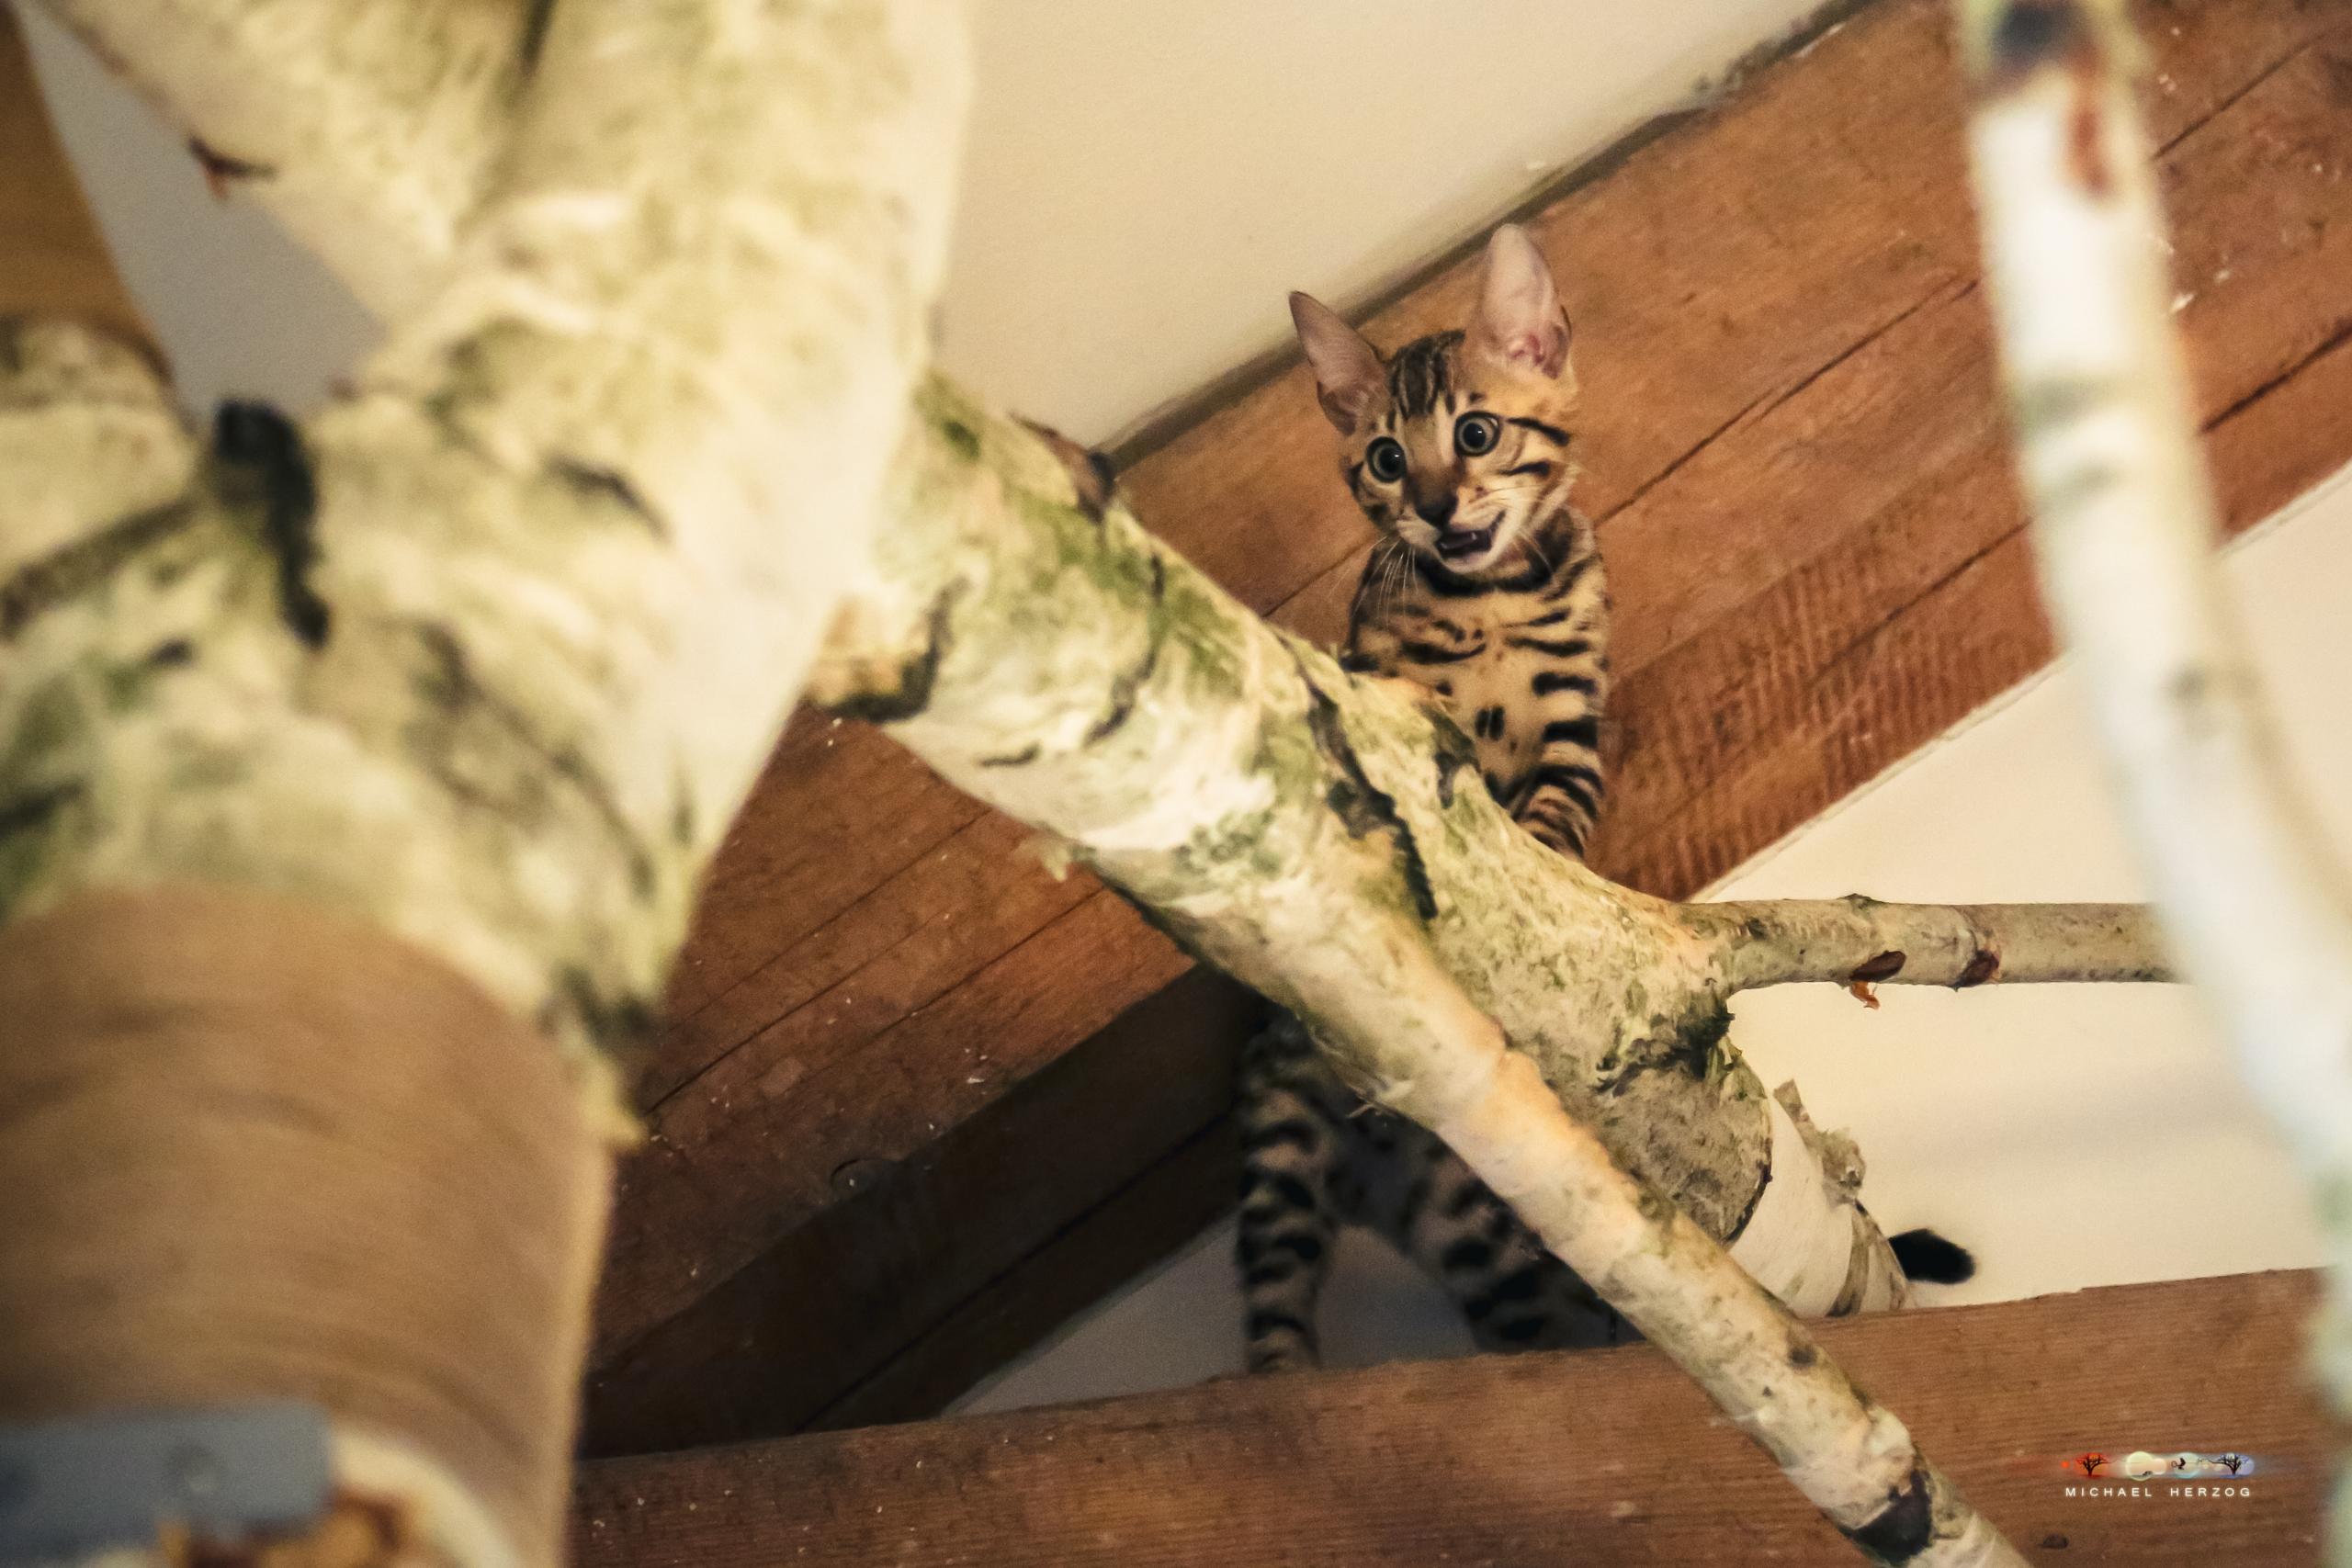 Bengalcat_kitten_indoor_tree_AUTrenalinMEDIA-6544-2.jpg